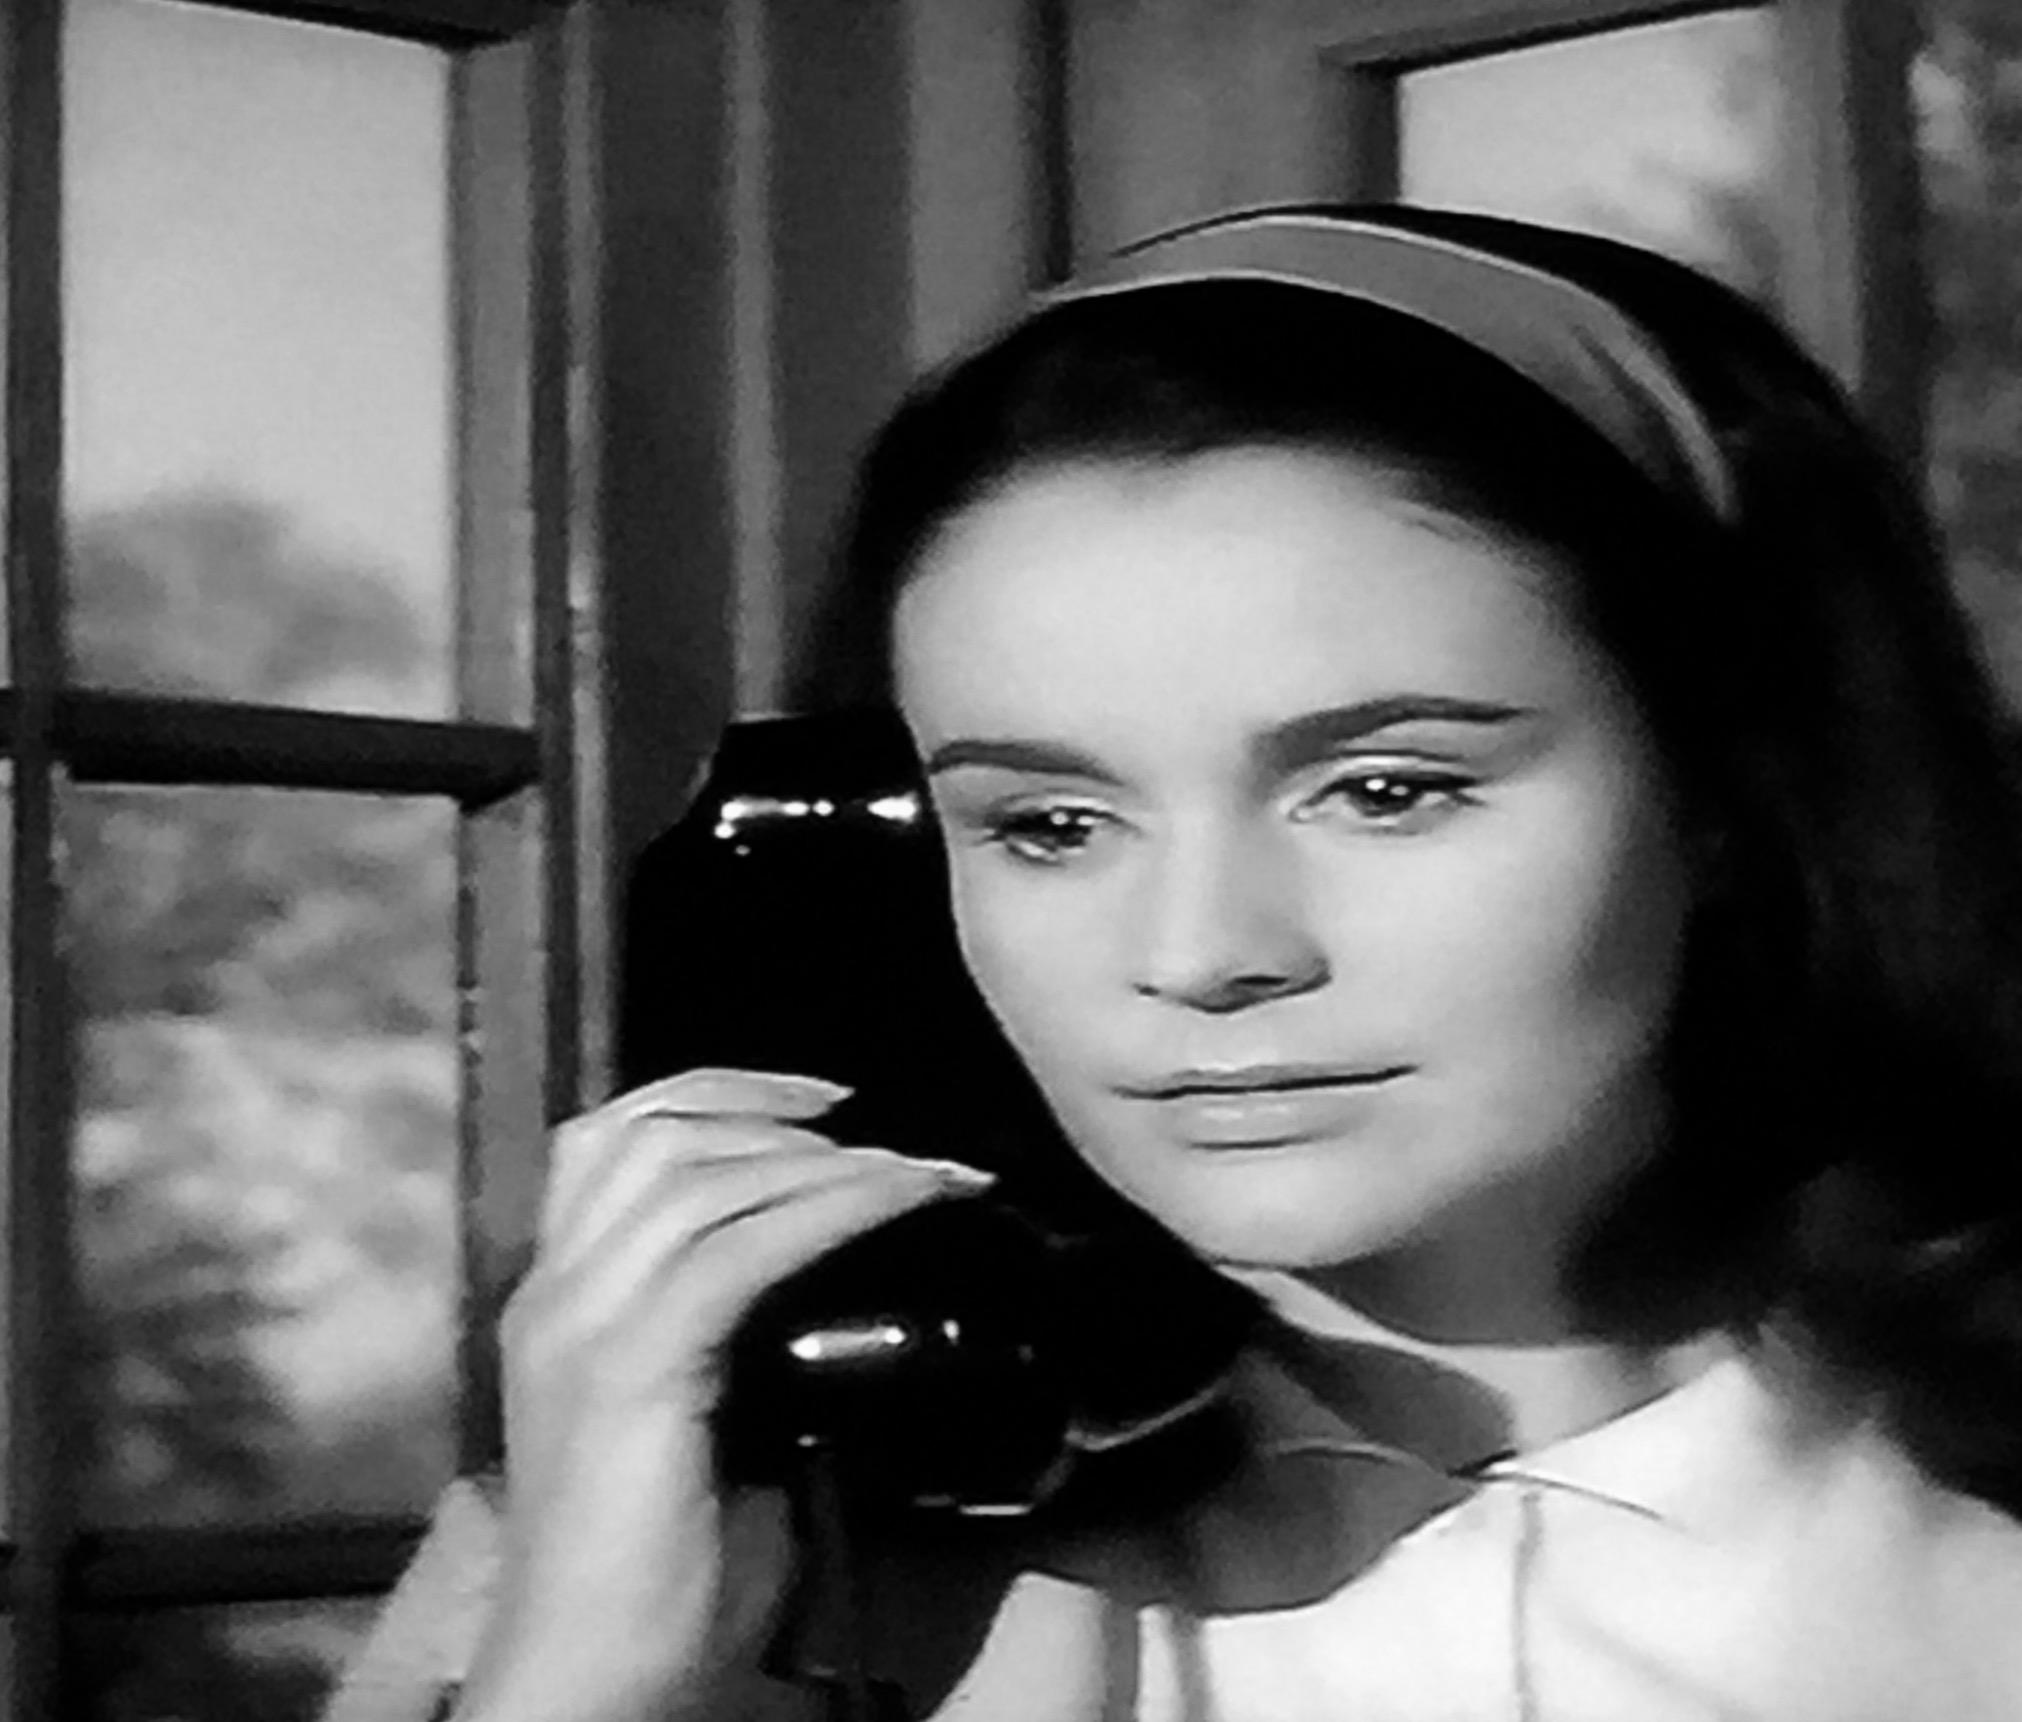 Christina Gregg in Don't Talk to Strange Men (1962)